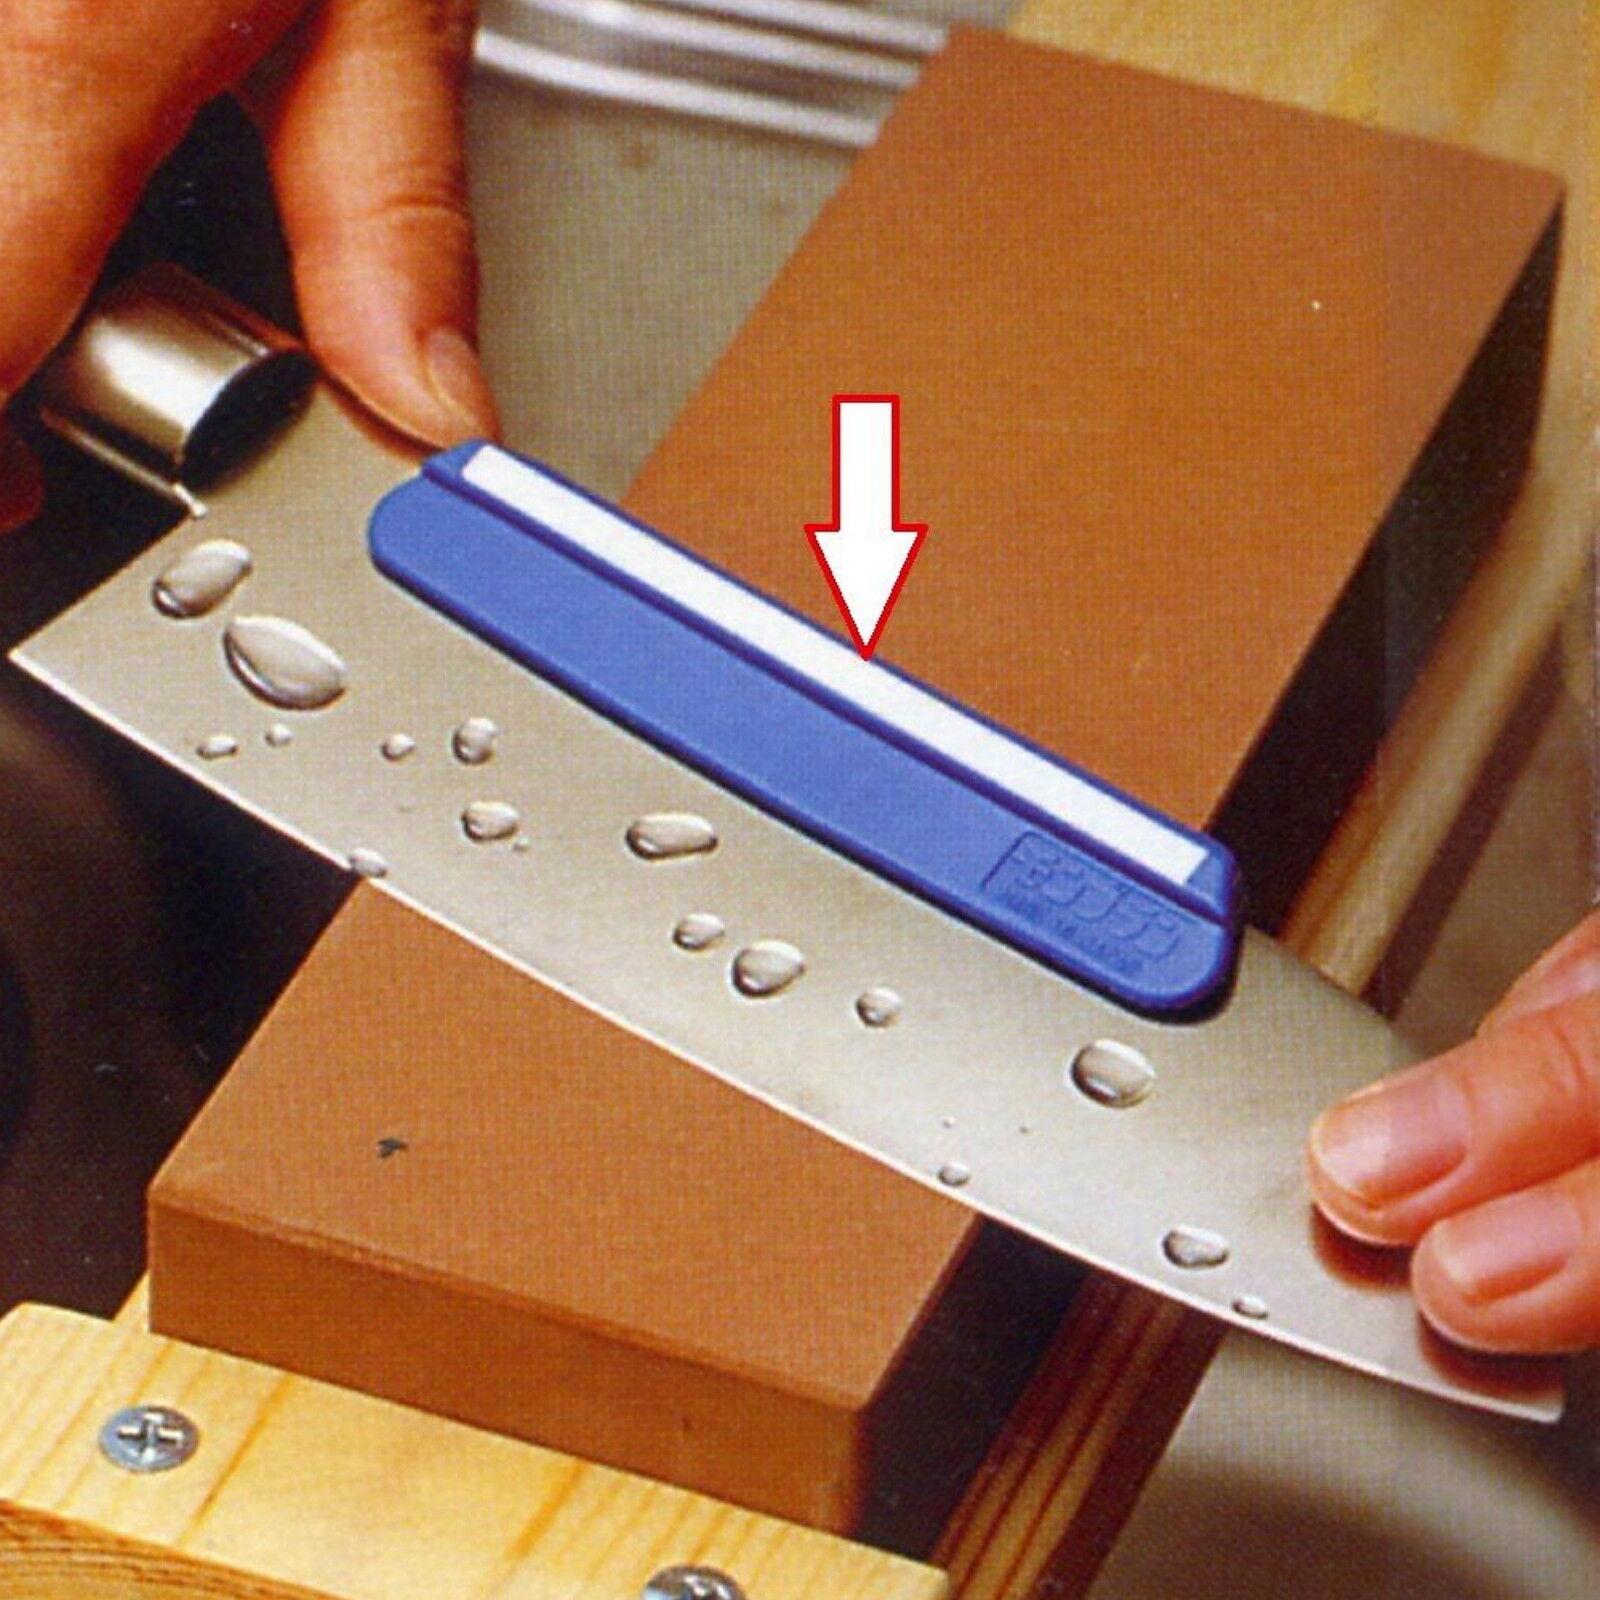 Super Togeru angle holder to sharpen your knifes Ltd Shimizu Manufacturing Co.